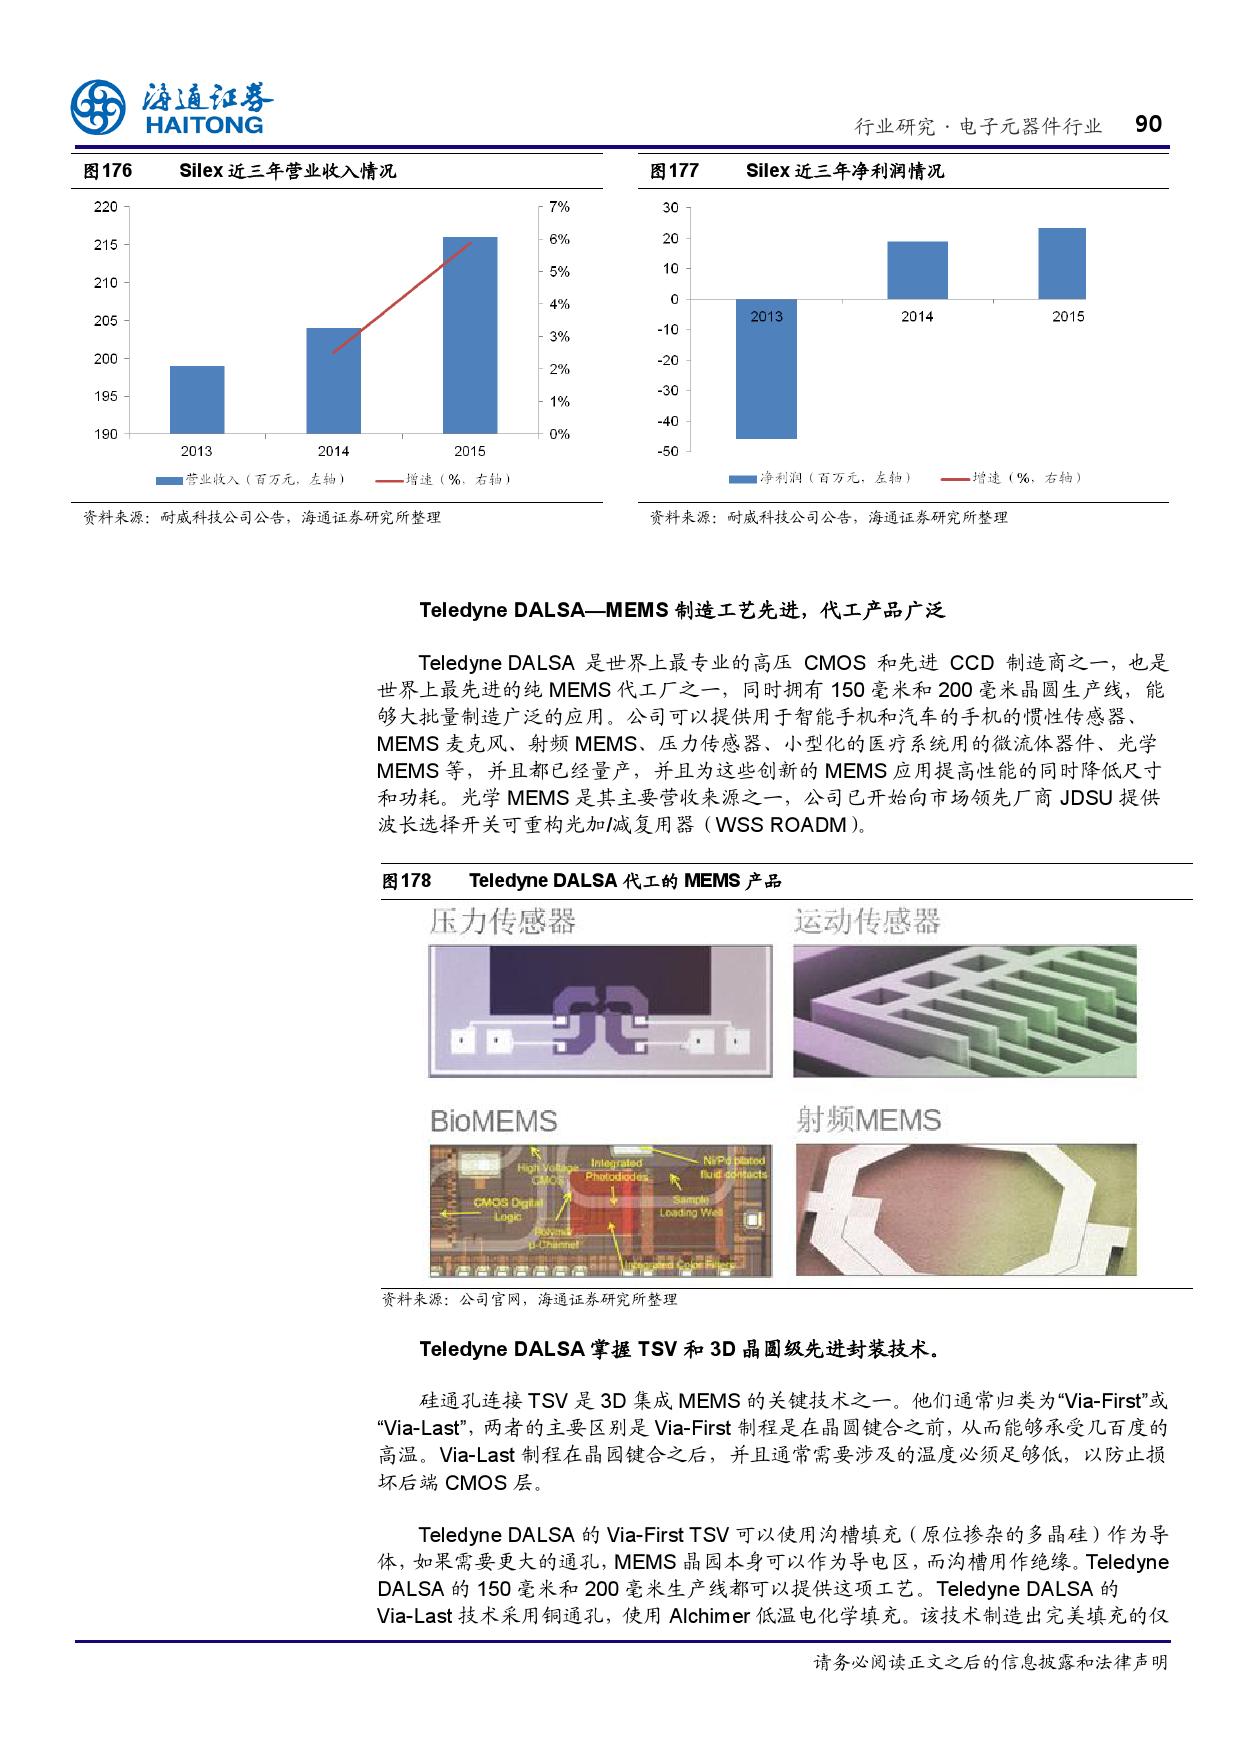 报告全解传感器全球产业链_000090